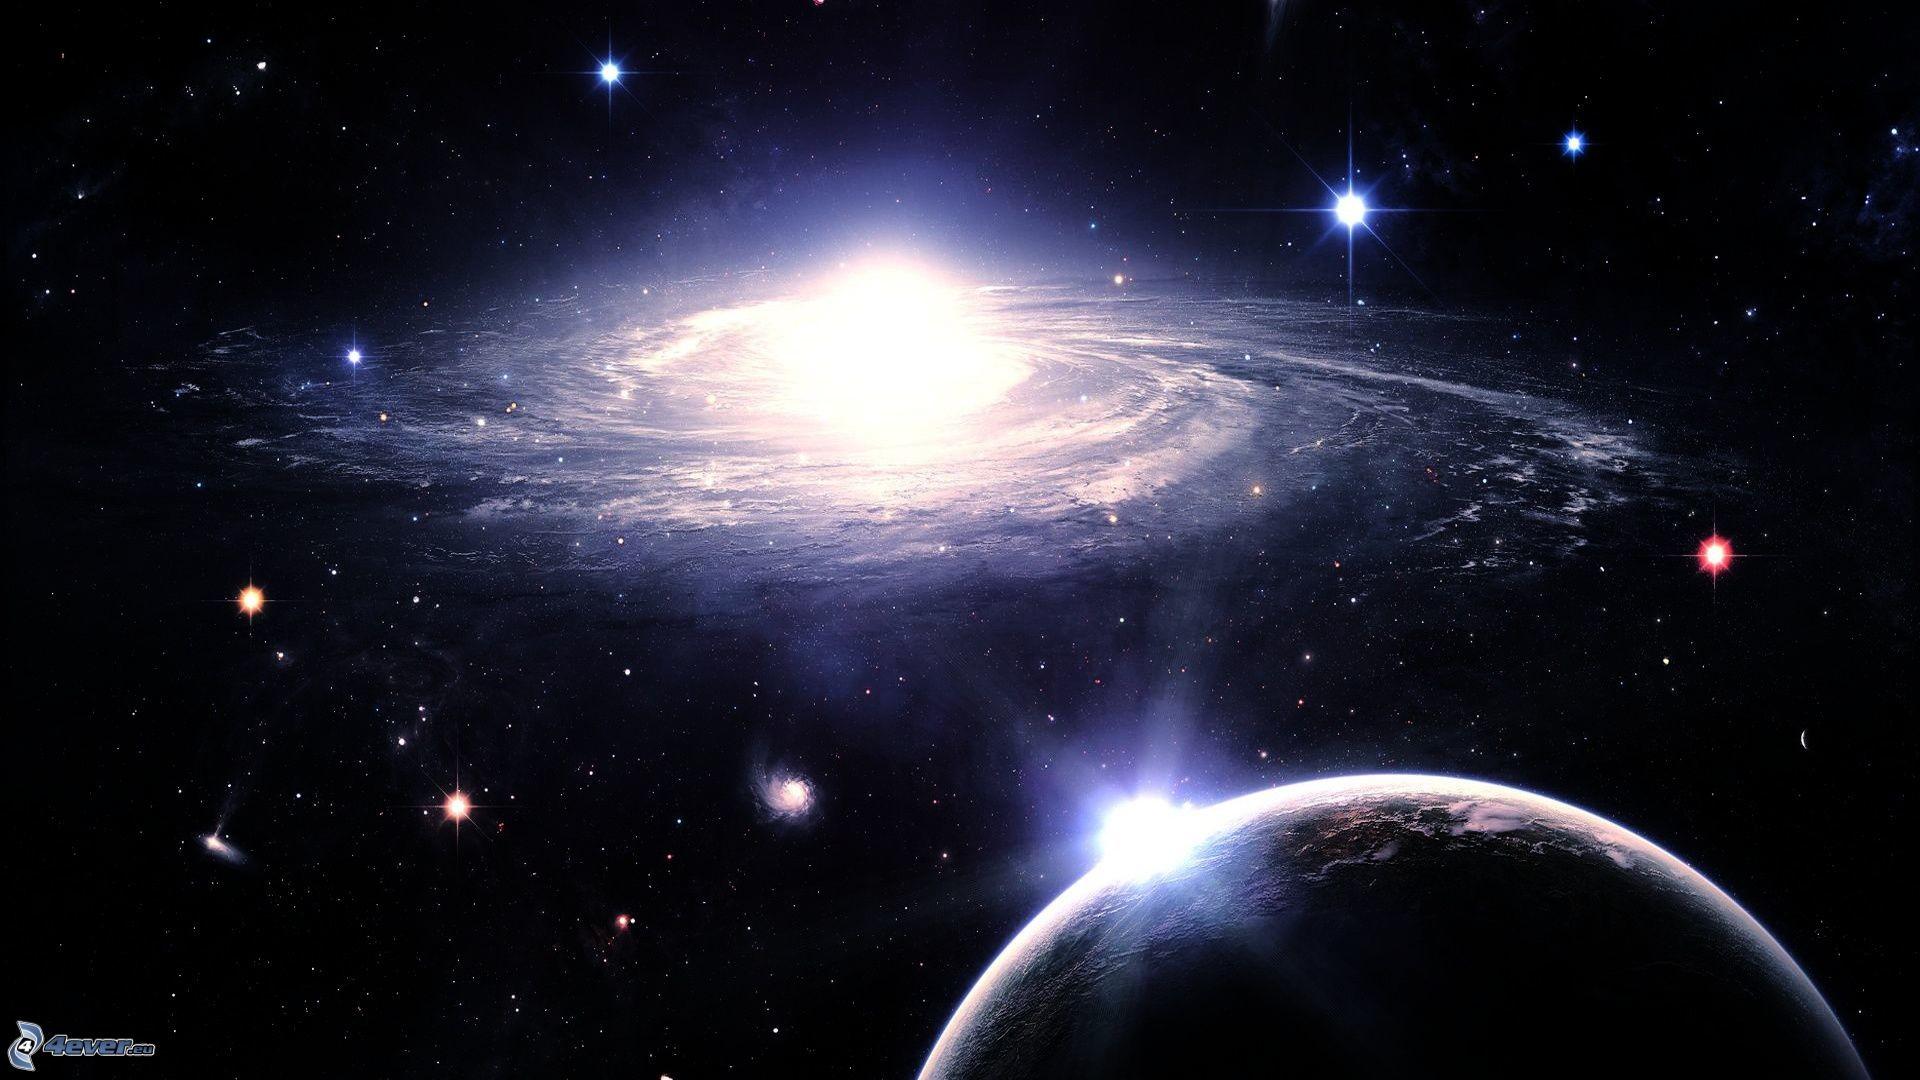 Sfondi universo stelle 83 immagini for Immagini universo gratis